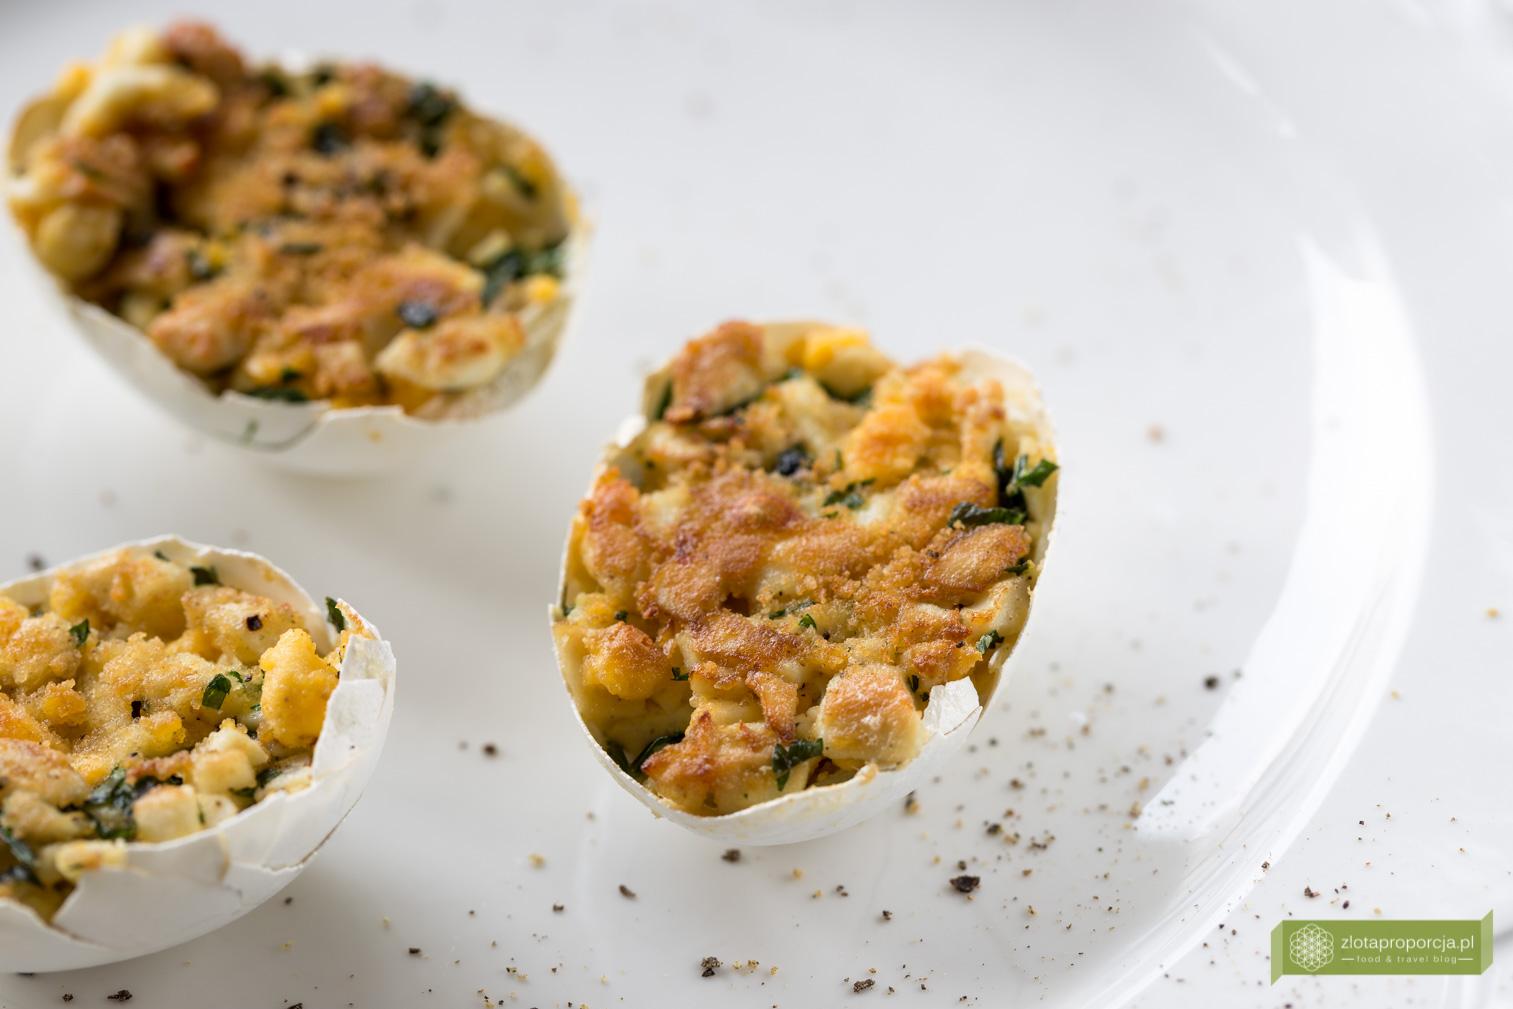 jajka faszerowane w skorupkach-3872